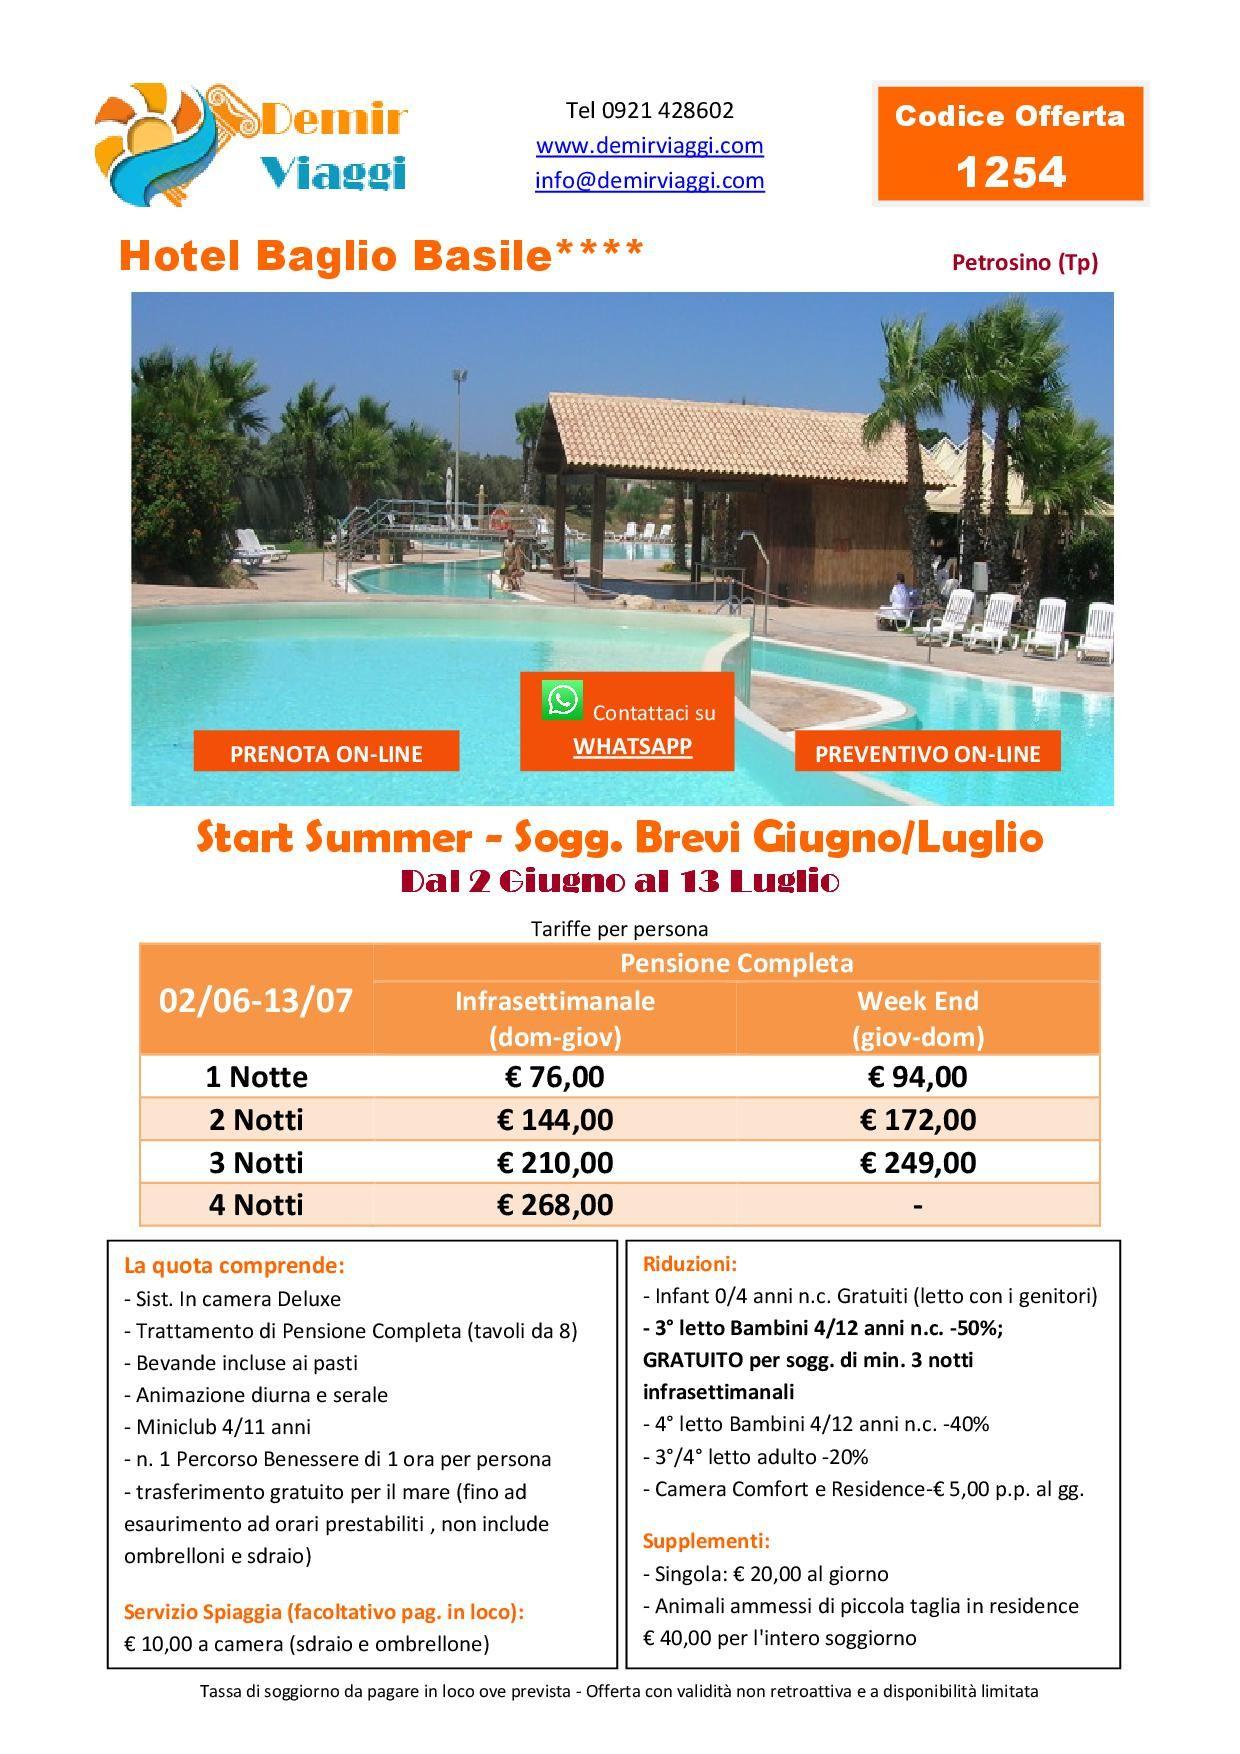 Hotel Baglio Basile**** - Petrosino (Tp) Soggiorni Brevi ...